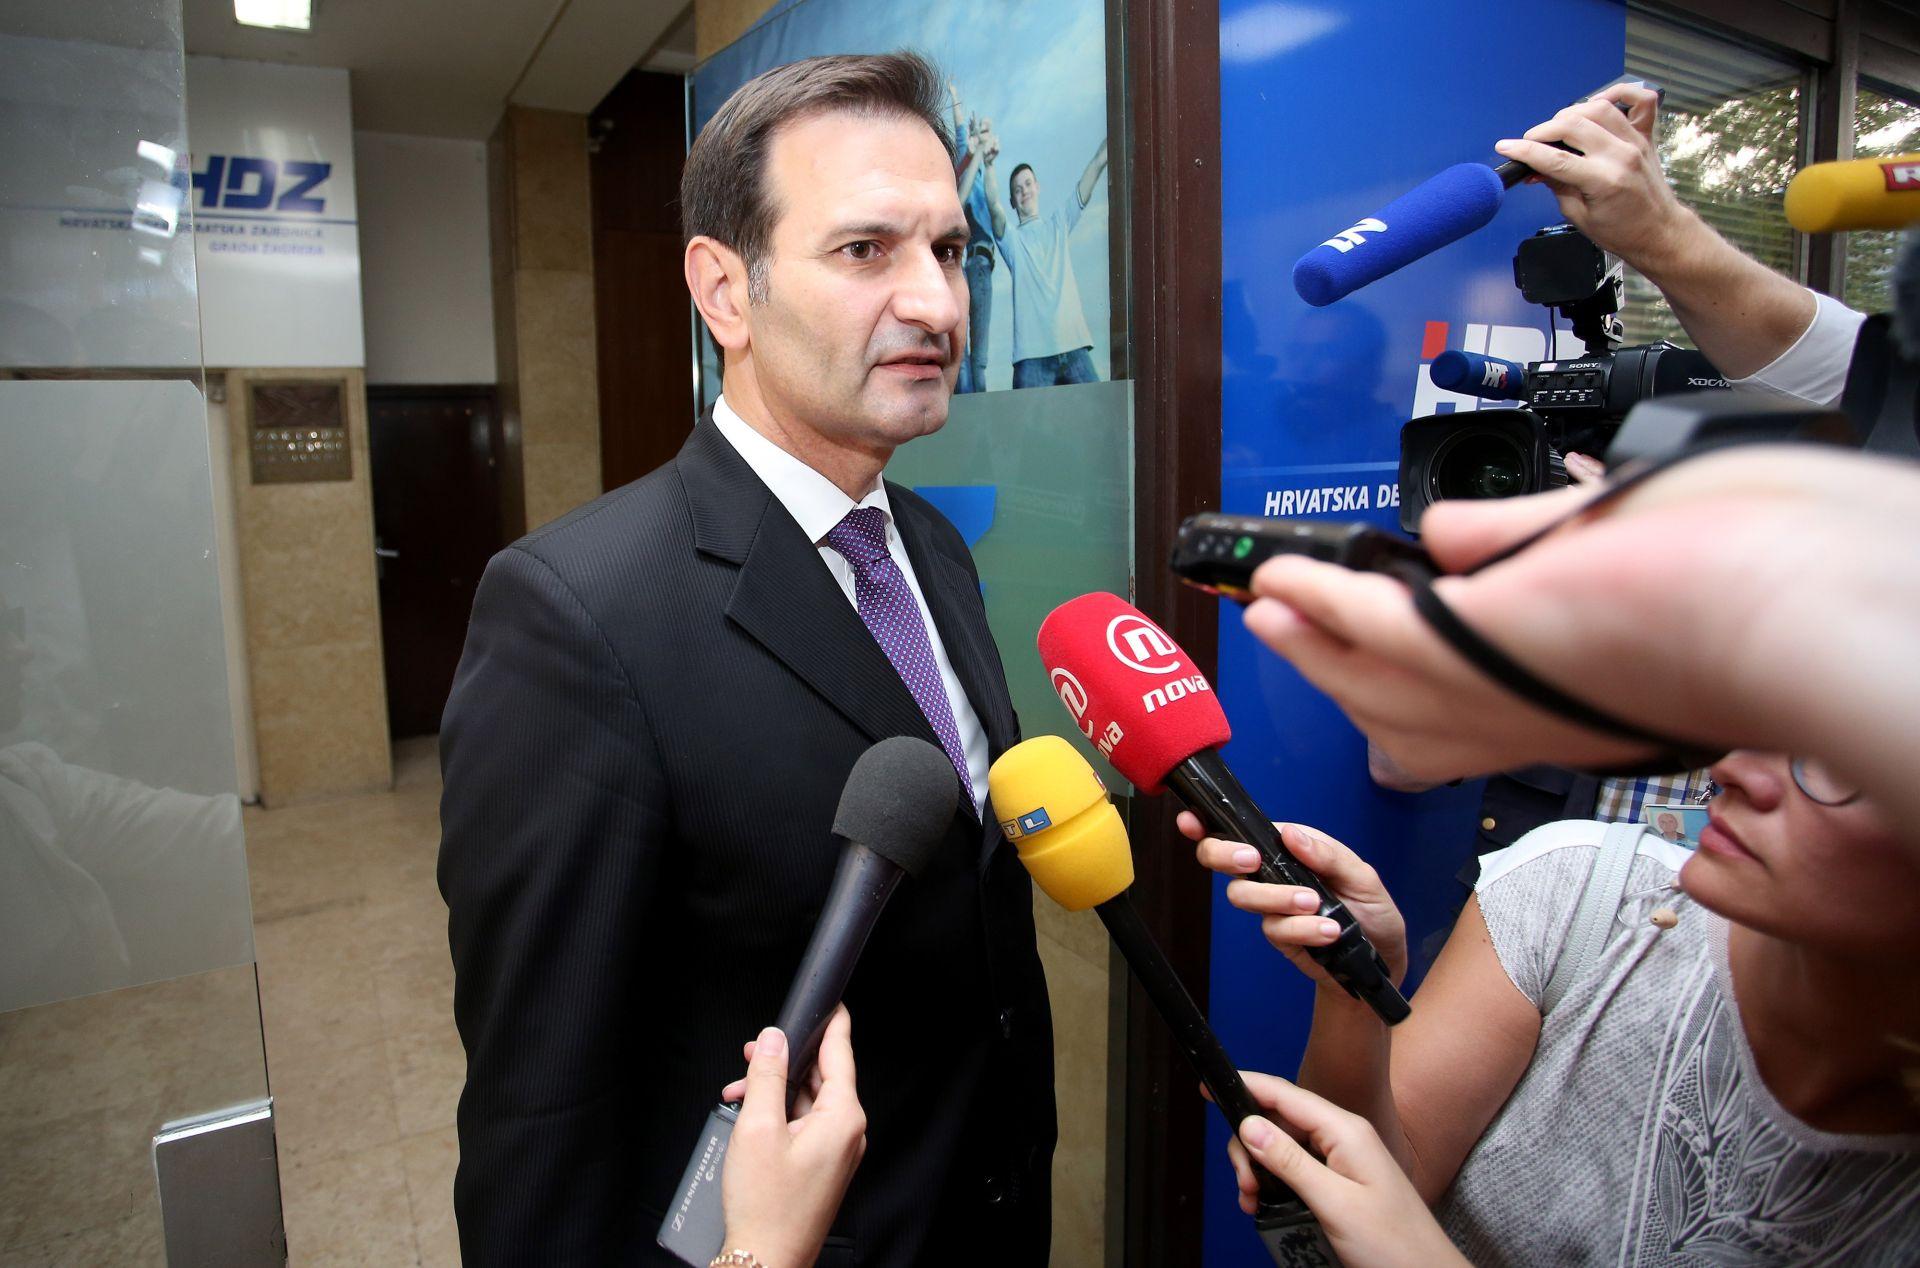 """KOVAČ """"Recept za stabilizaciju BiH integracija cijele zemlje u EU i reforme koje bi spriječile separatizam"""""""